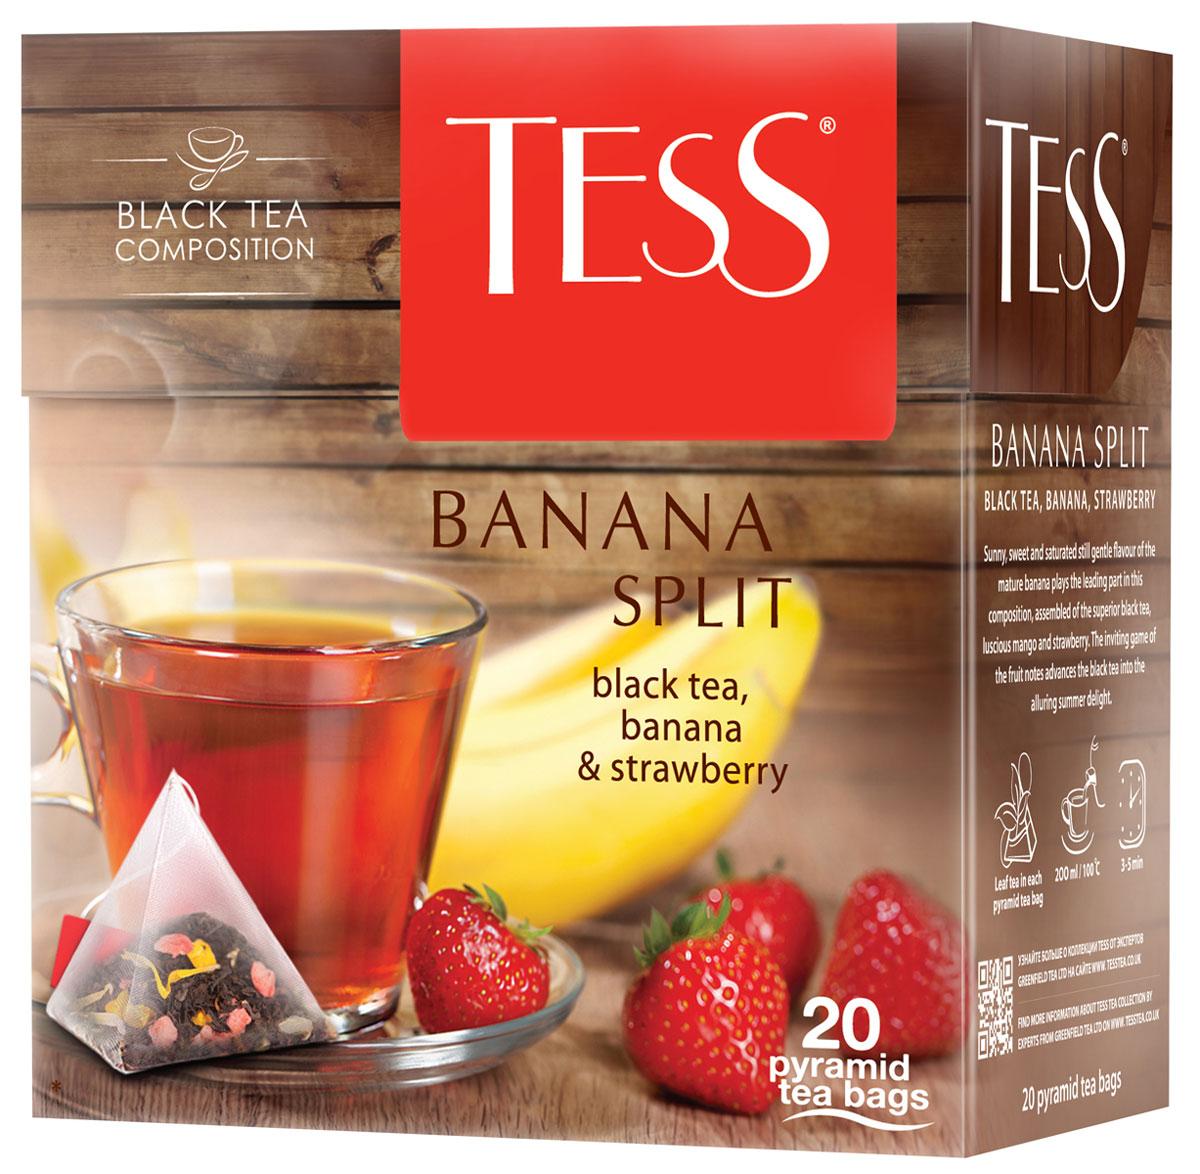 Tess Banana Split фруктовый чай в пакетиках, 20 шт101246Солнечный, сладковато-насыщенный, но нежный аромат спелого банана играет главную роль в композиции, составленной из превосходного черного чая Tess Banana Split, сочного манго и клубники. Заманчивая игра фруктовых оттенков превращает черный чай в соблазнительный летний десерт.